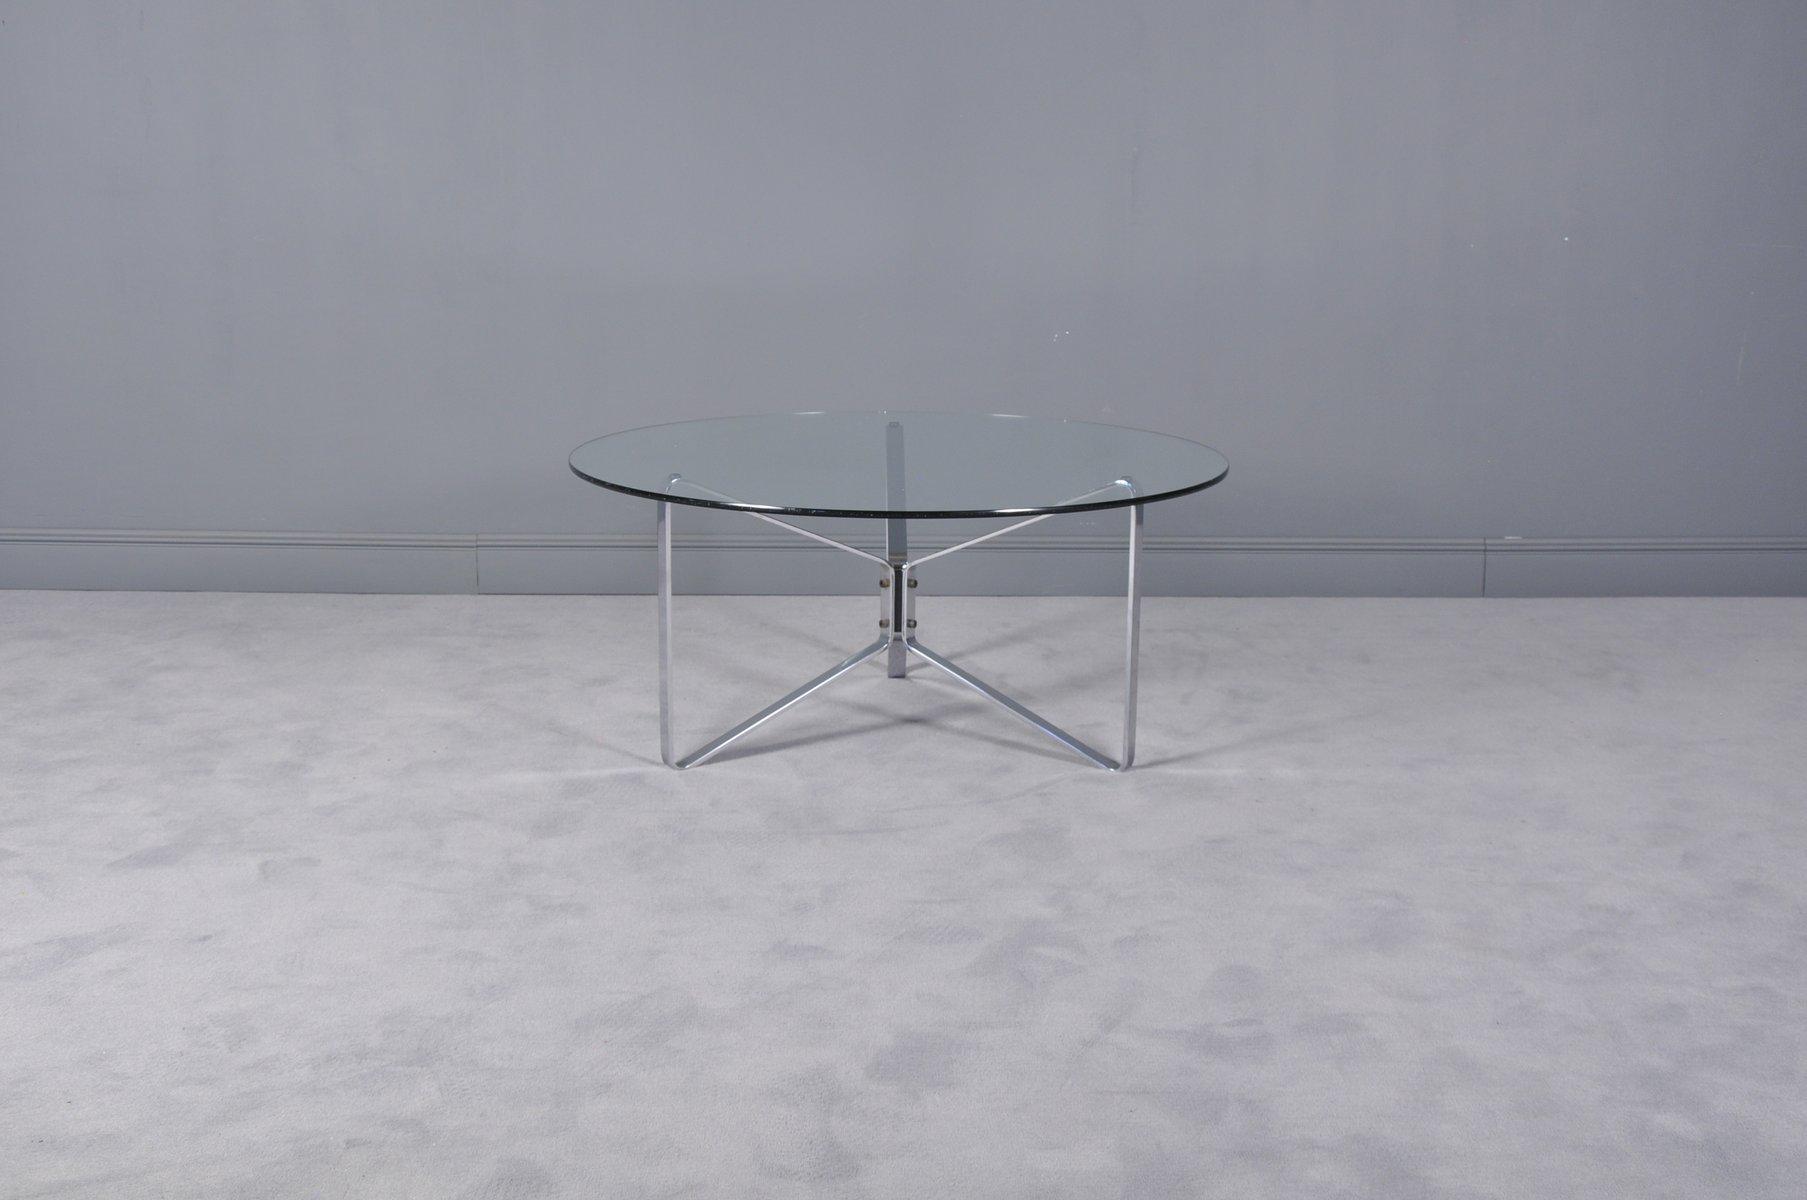 Table basse ronde en verre 1970s en vente sur pamono - Table basse en verre ronde ...